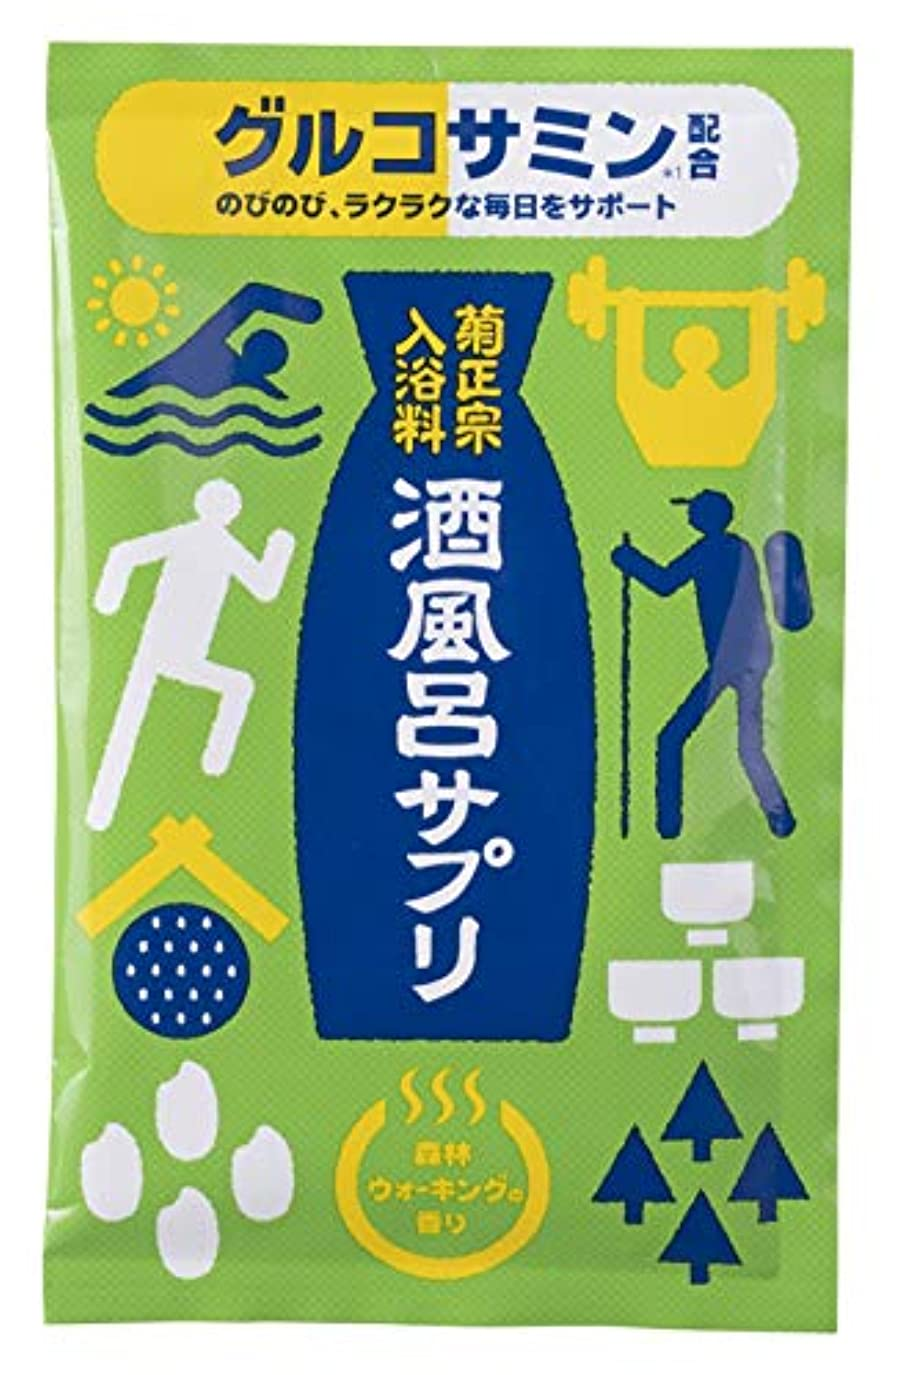 マウンドガウンとげ菊正宗 酒風呂サプリ グルコサミン 25g